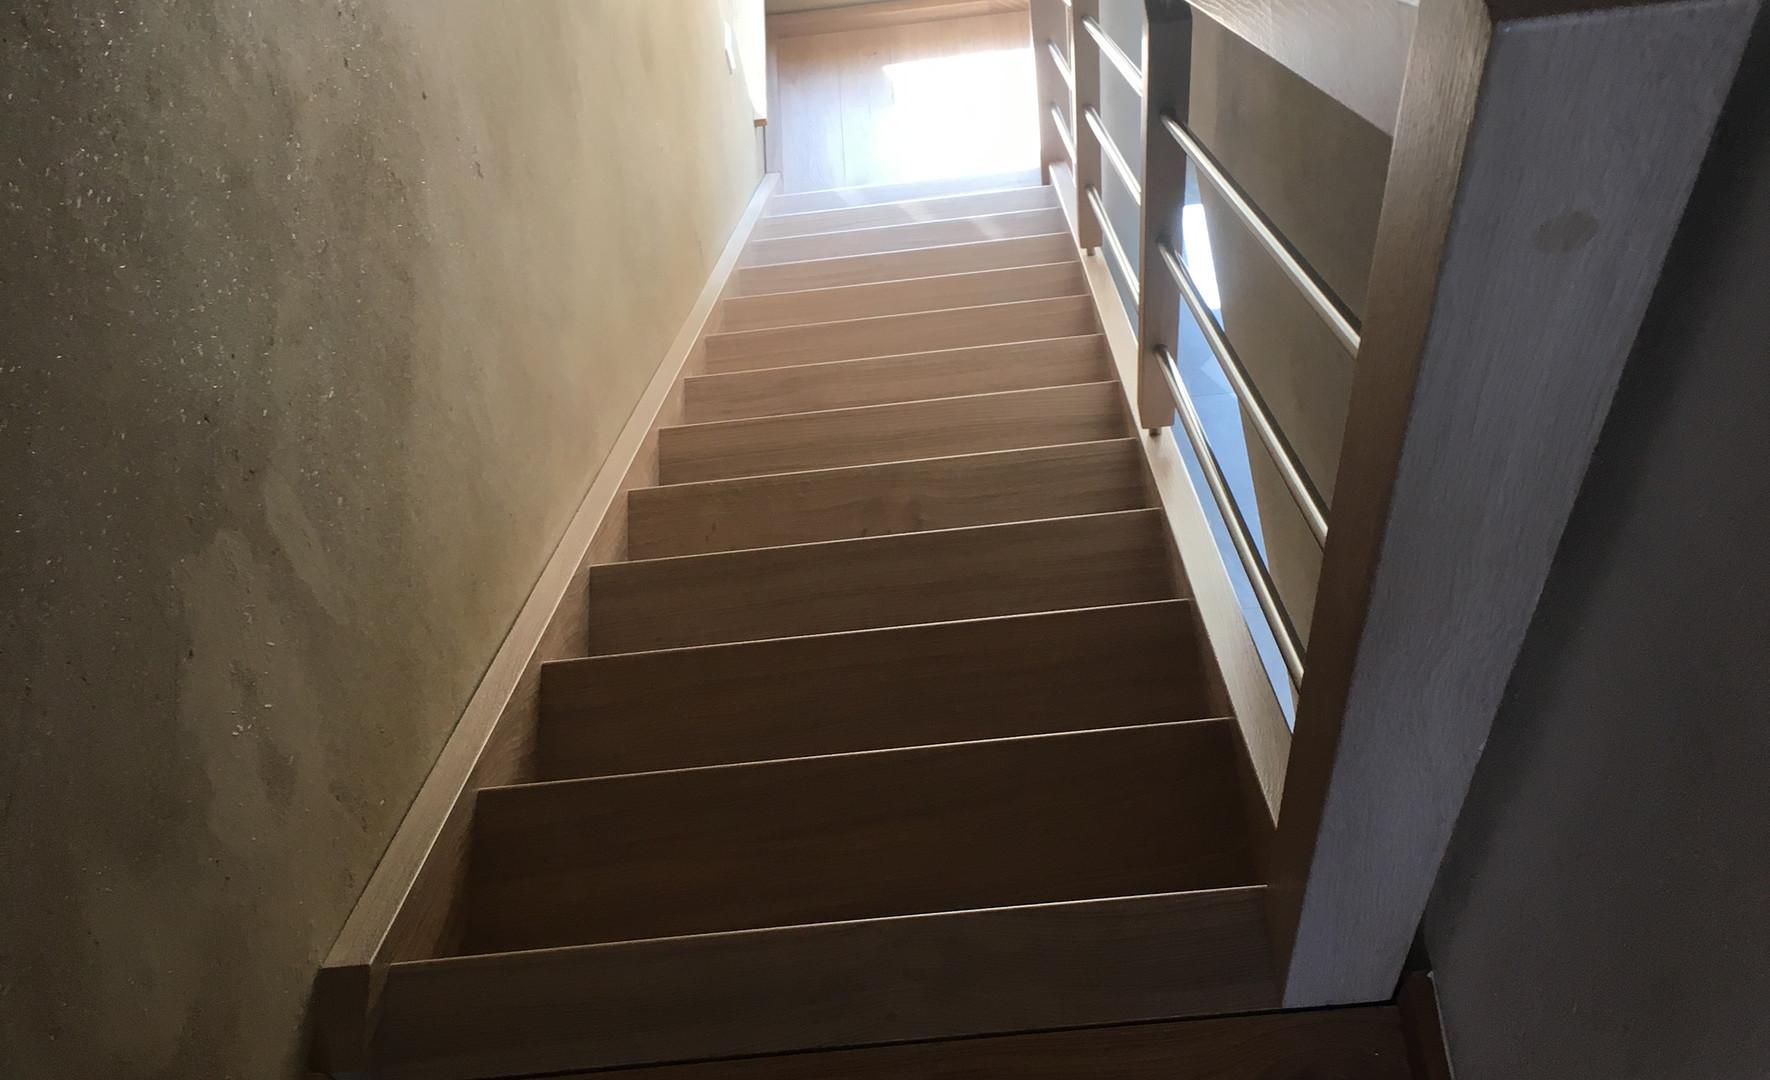 Escalier 2 - Vue 2